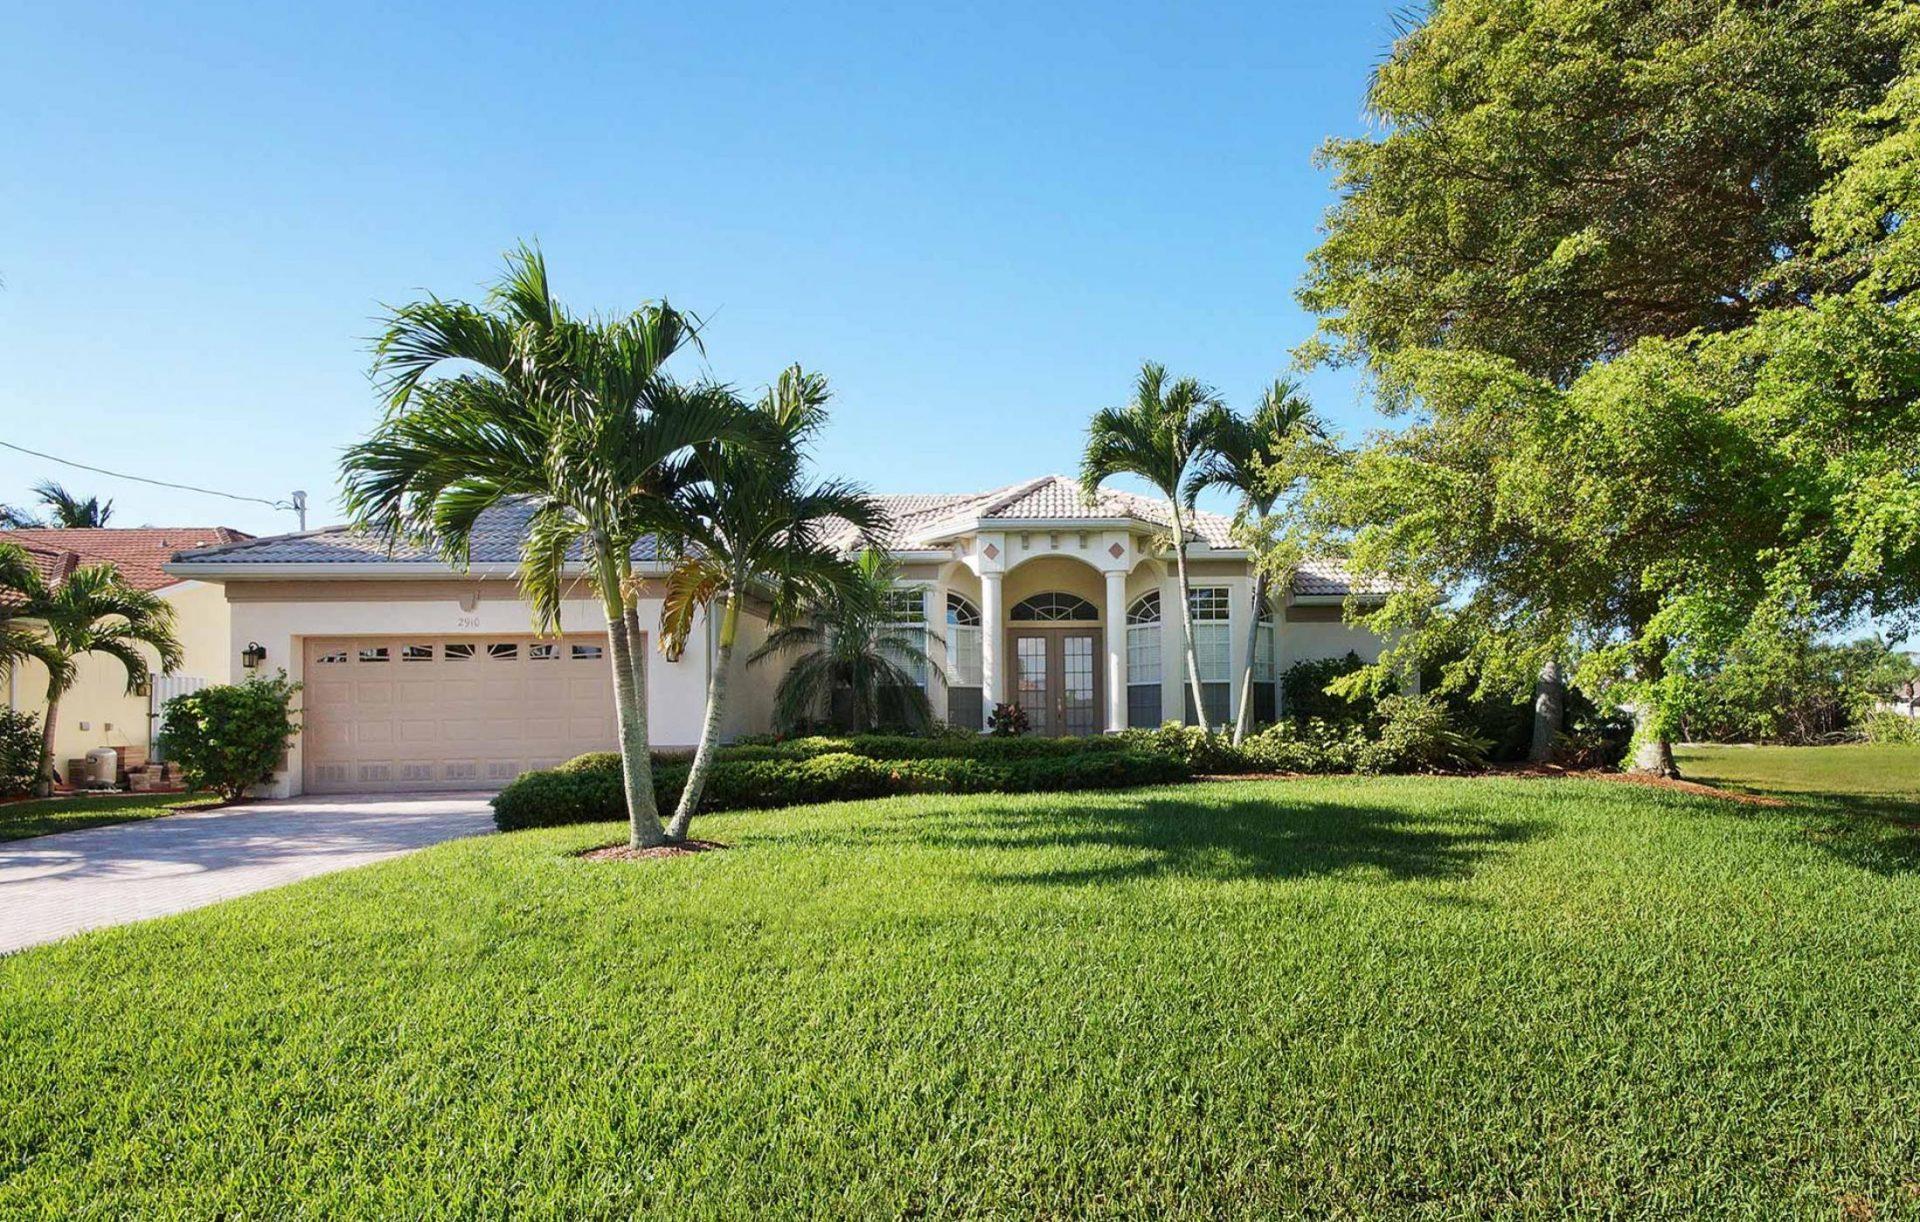 Cape Coral Villa 454 3 Schlafzimmer und 3 Badezimmer Suedlage mit Gulf Access